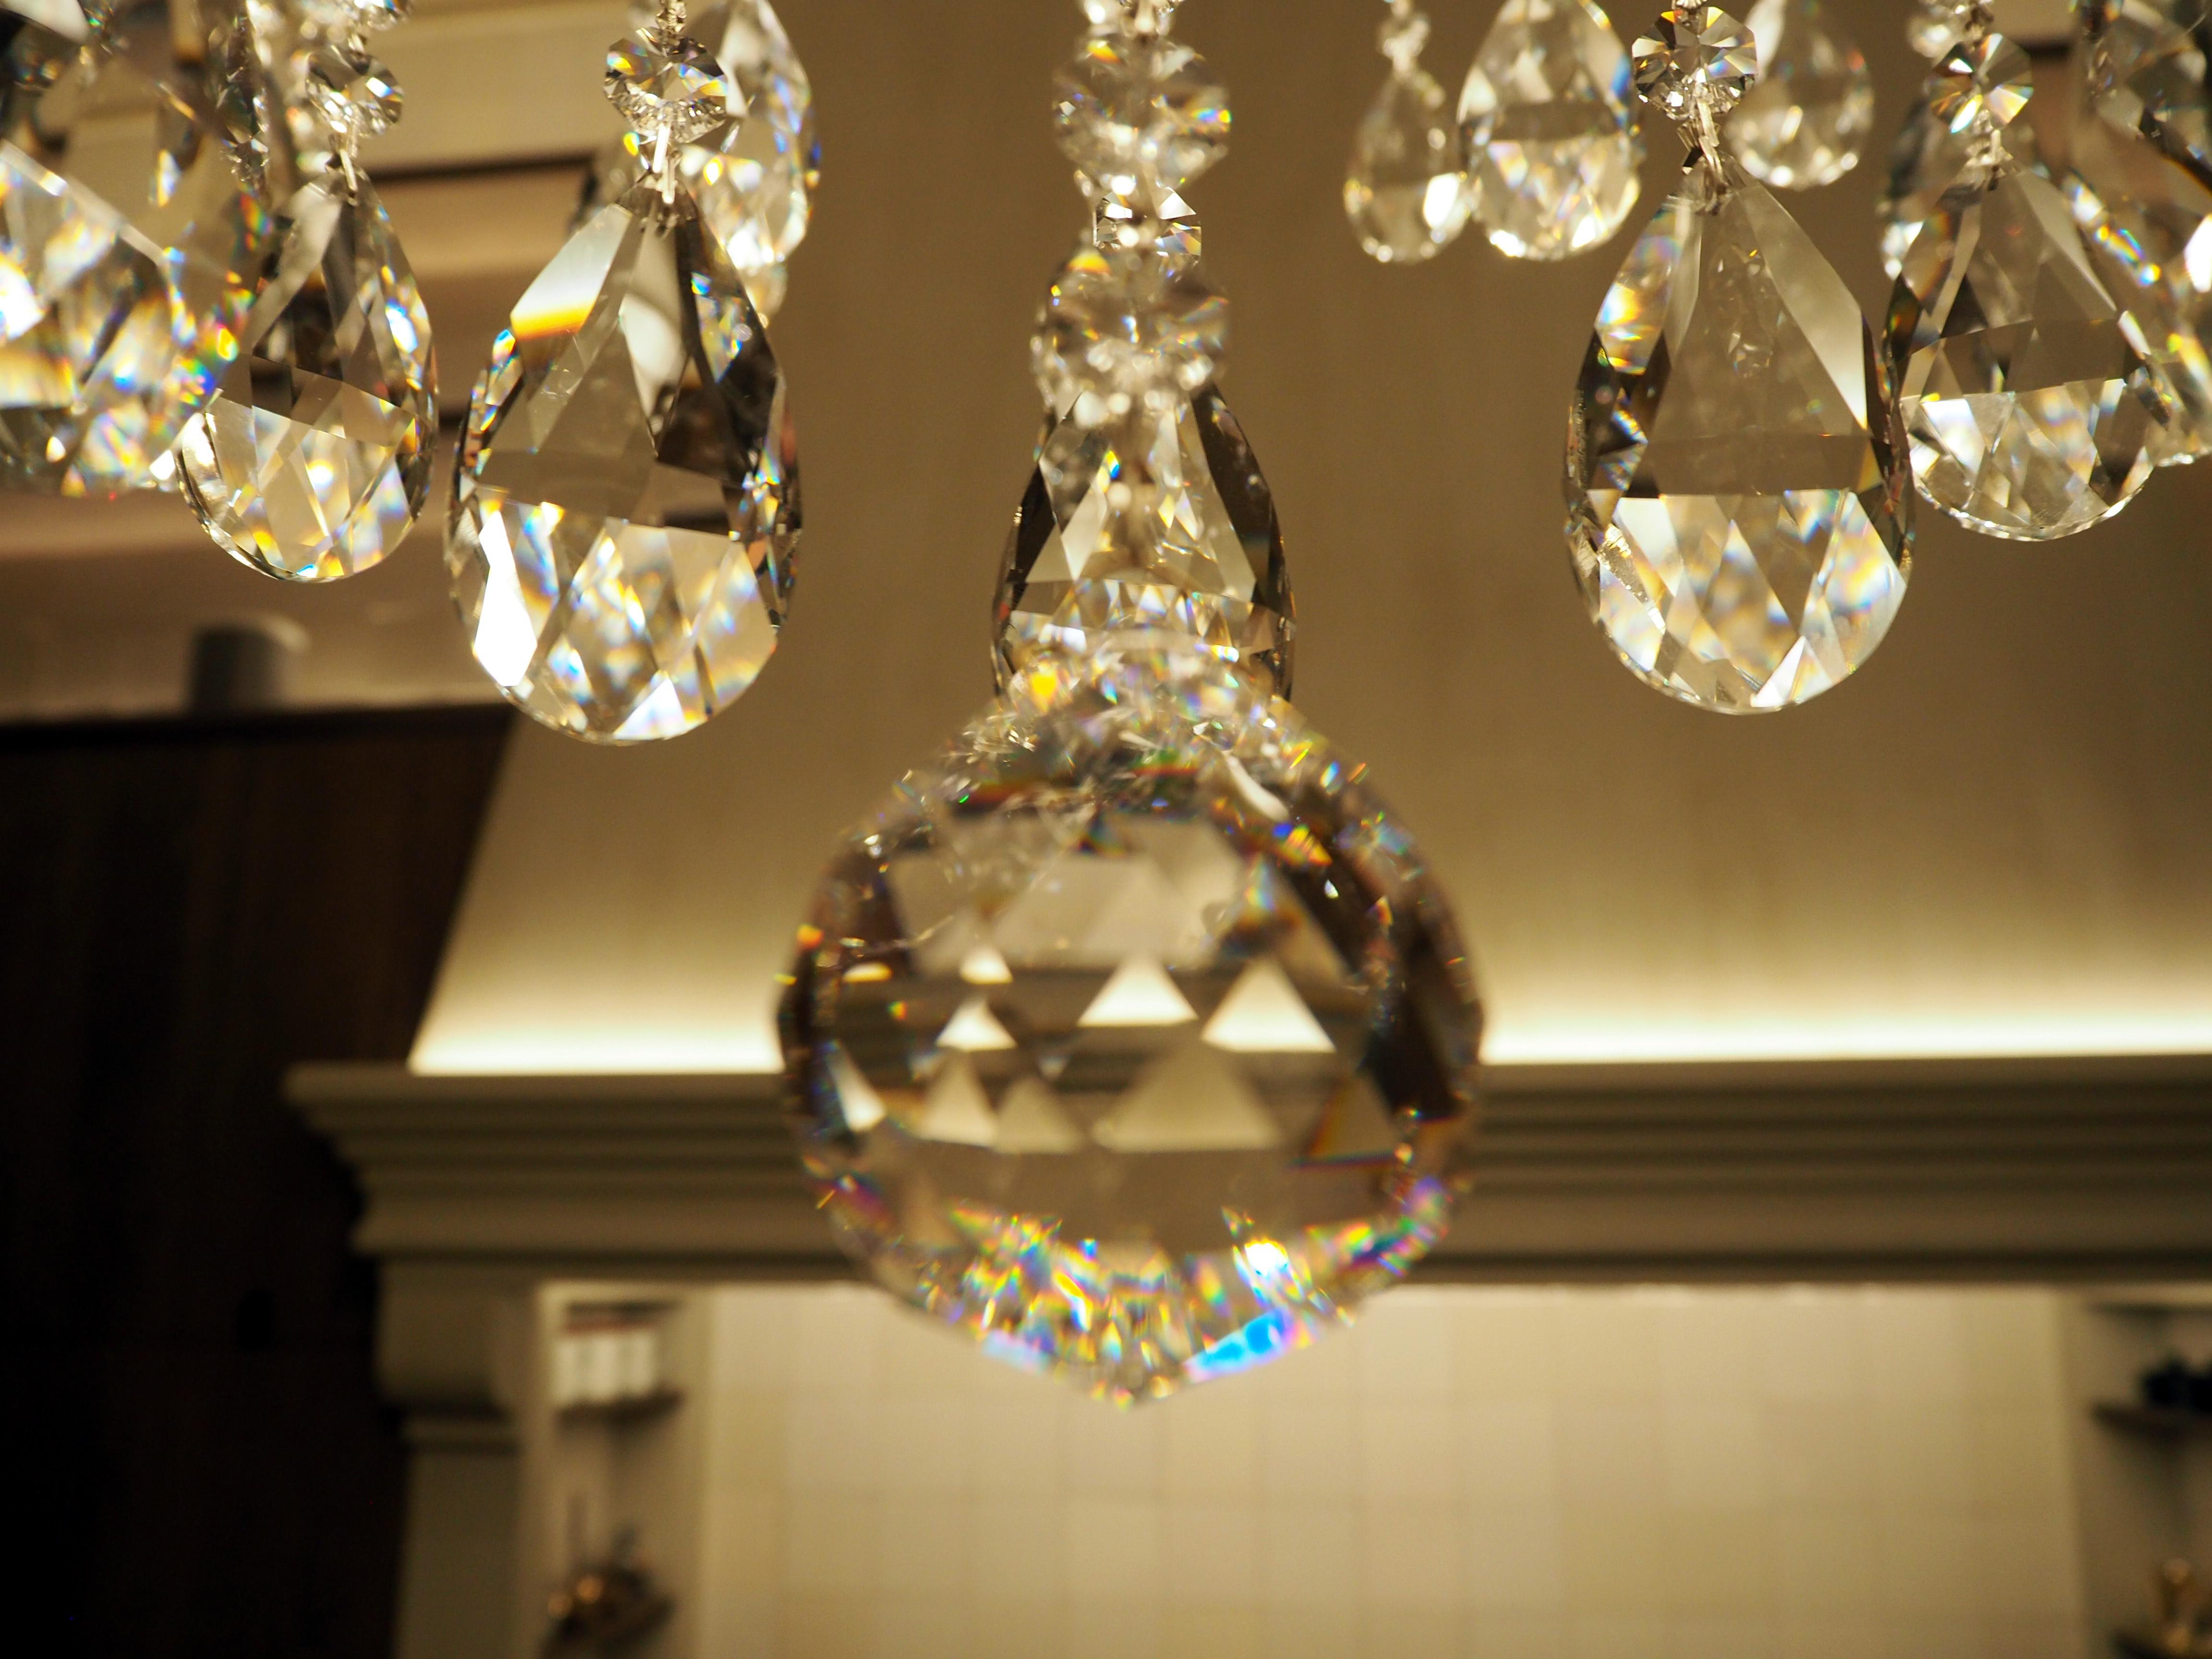 Kristall Und Kronleuchter Böhmen ~ Böhmische kristallglass lustern wranovskycrystal